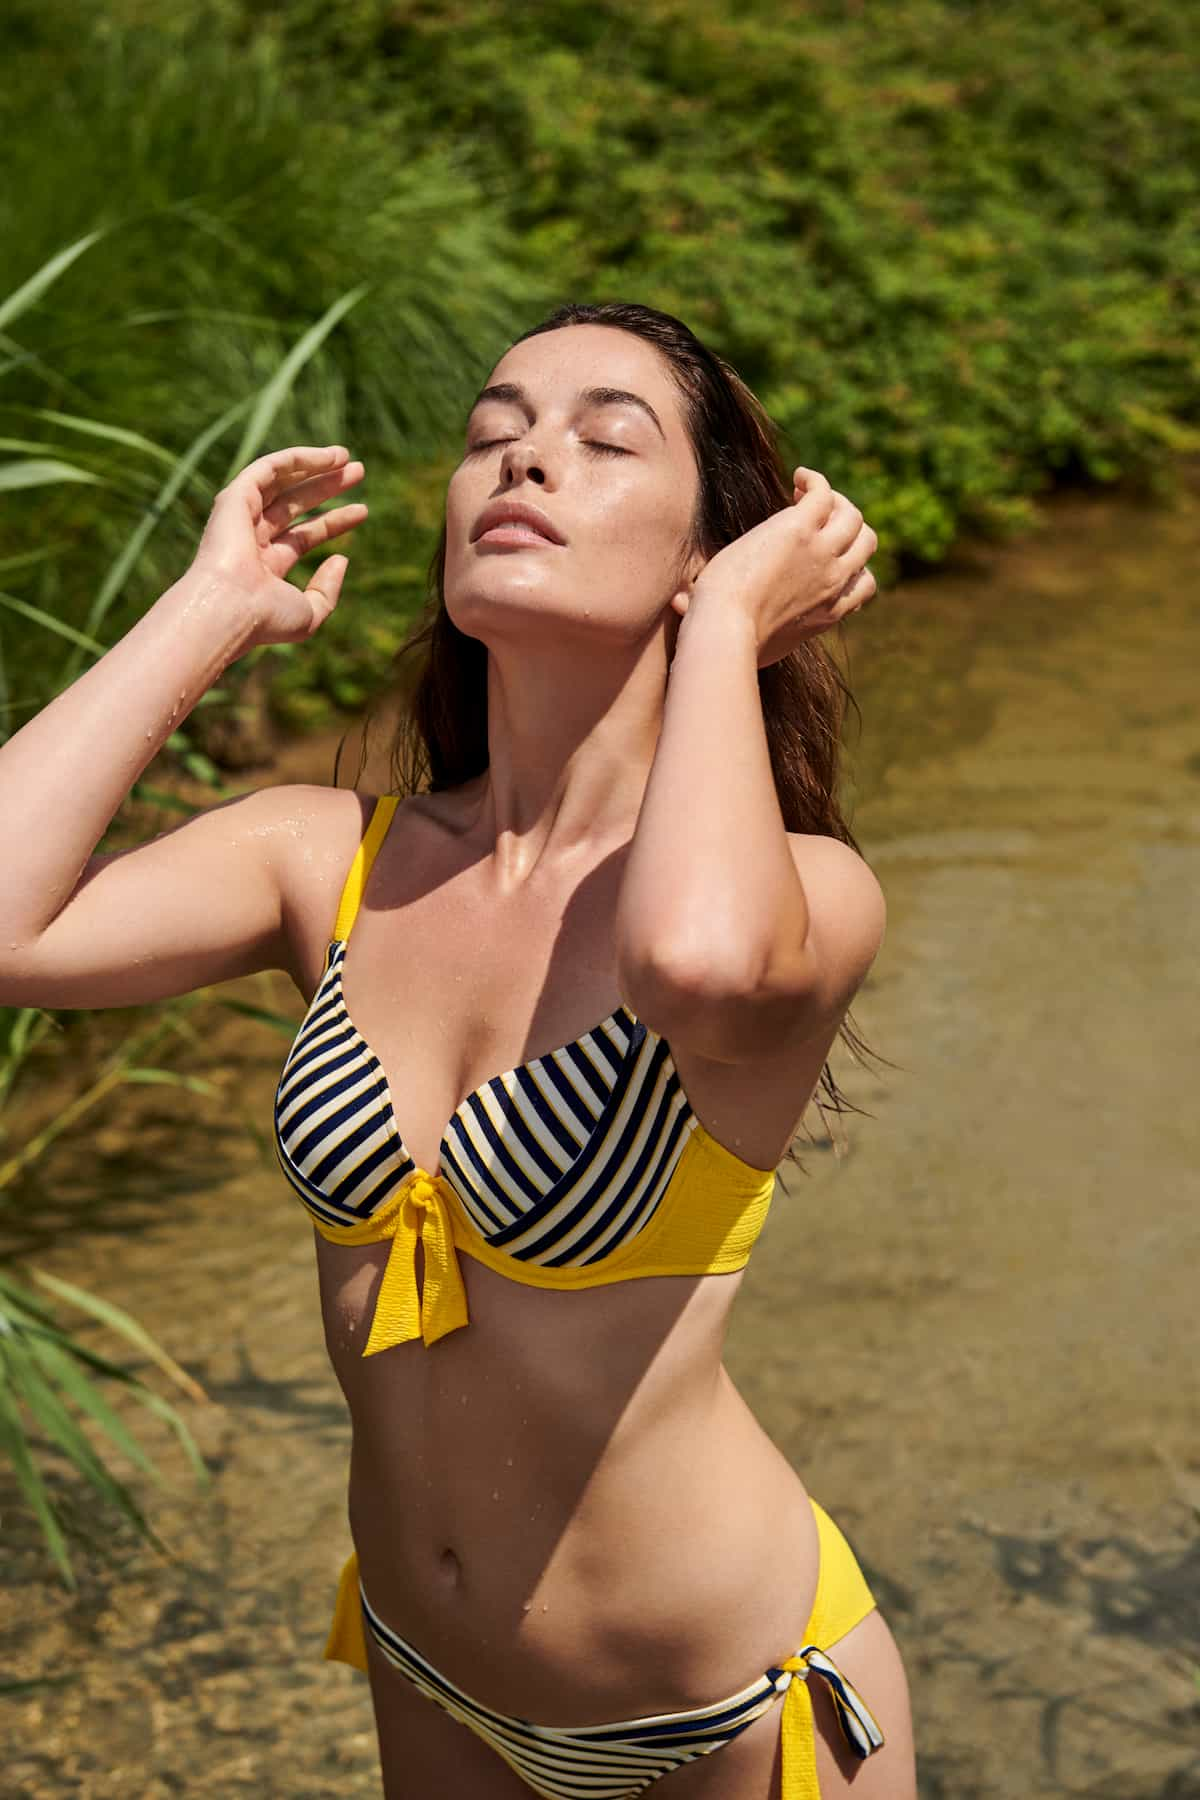 Sommermode 2021 von Marie Jo Swim - Bikini mit maritimen Streifen kombiniert mit der Modefarbe Gelb (Modell Manuela)